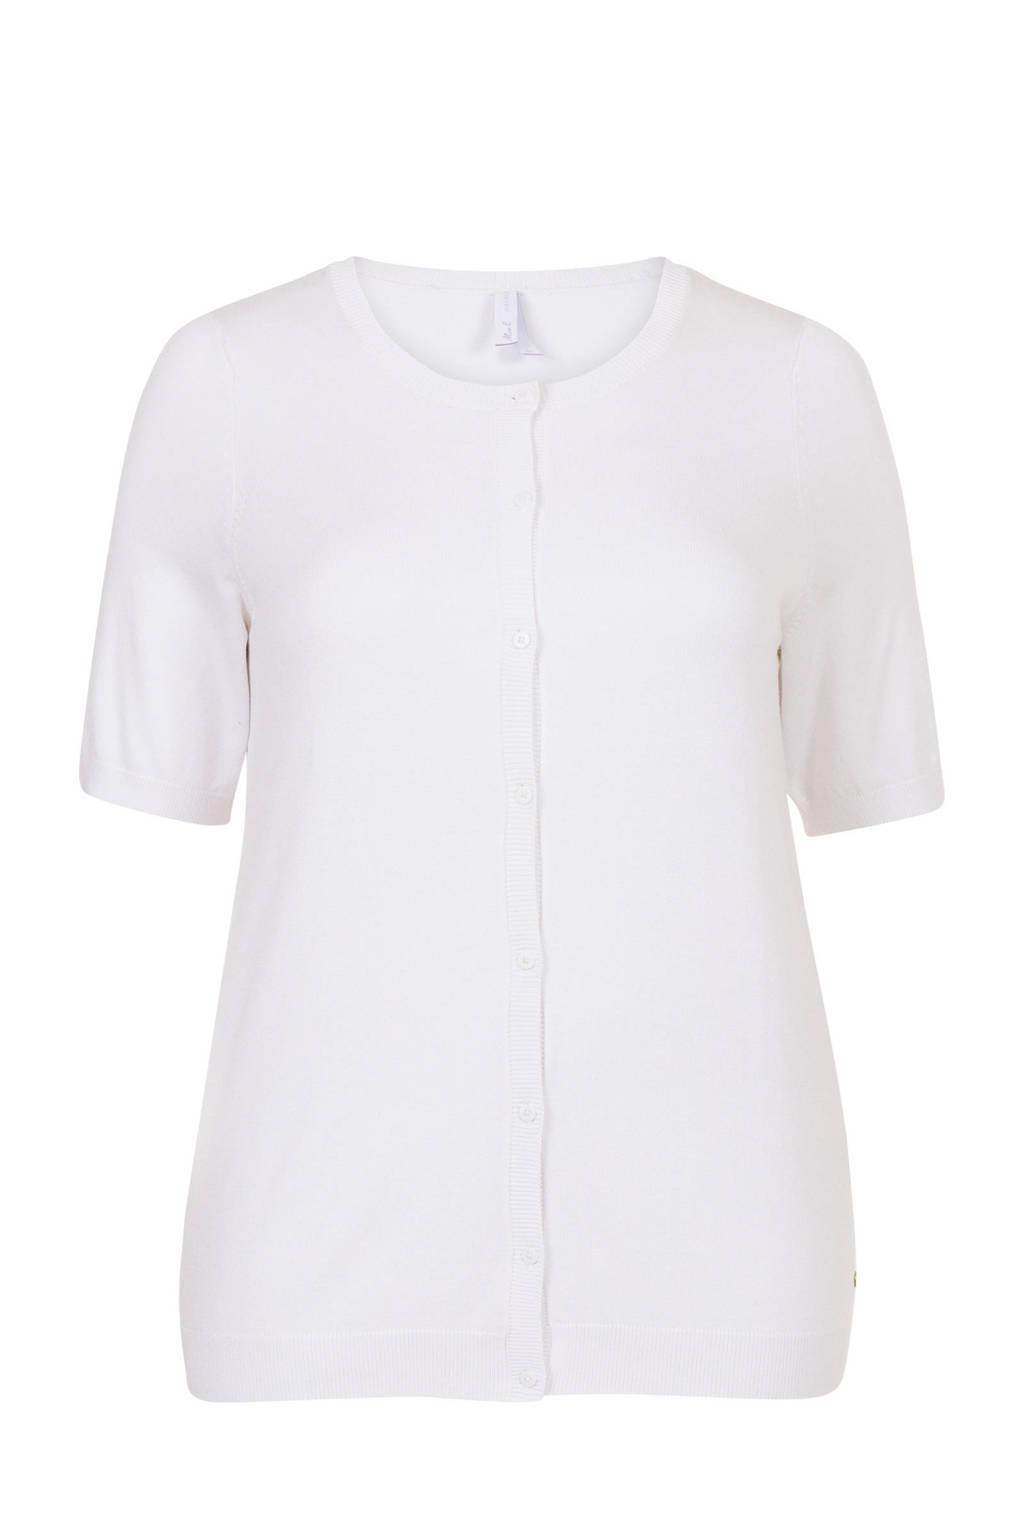 Miss Etam Plus vest wit, Wit